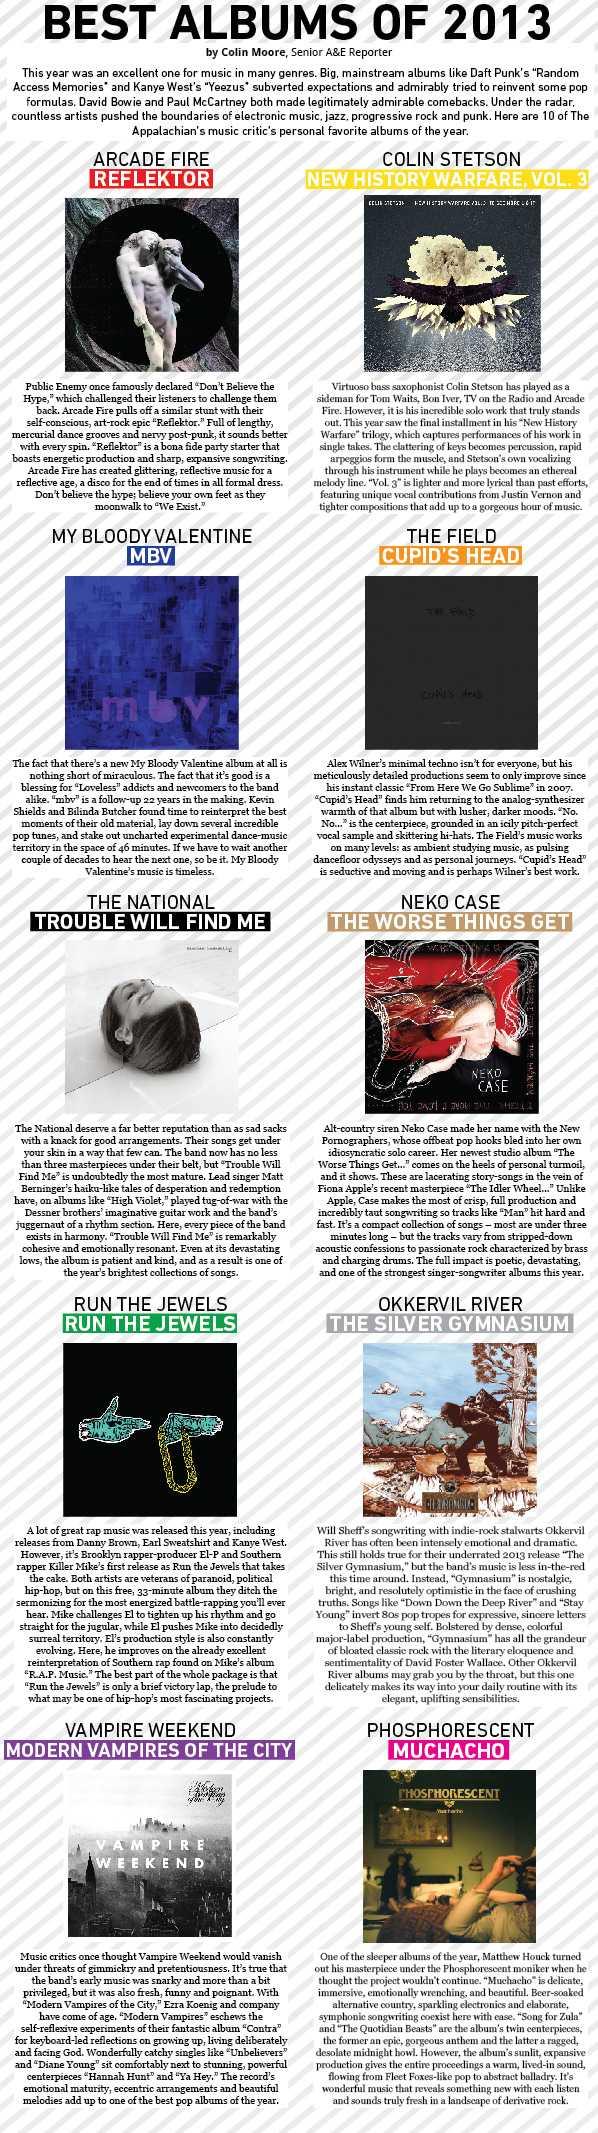 Album infographic